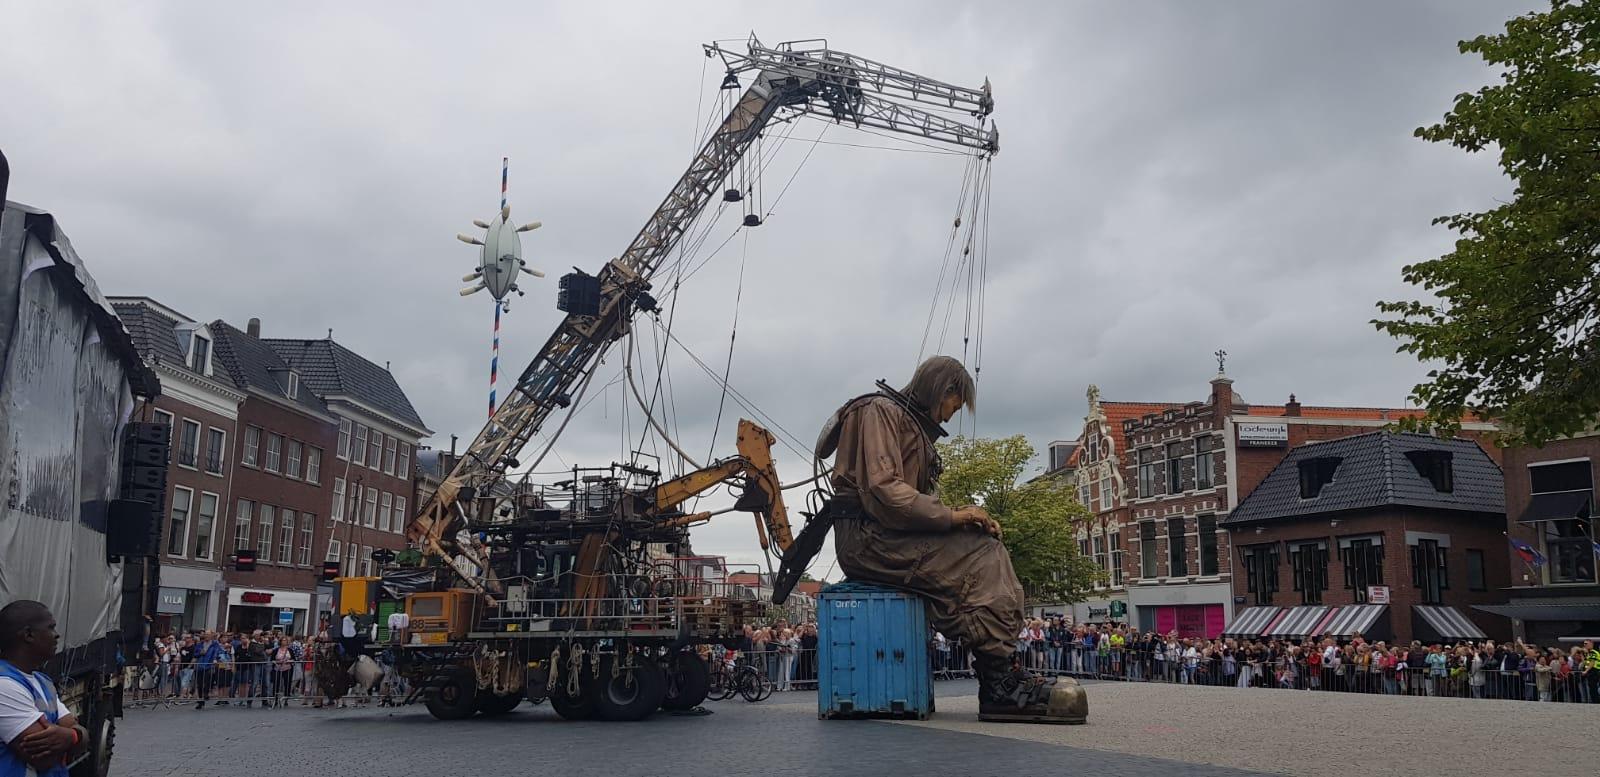 Der Taucher ruht sich aus und Zigtausende schauen ihm zu. Der Container eines LKW dient ihm als Stuhhl, Foto: Josef Weirauch